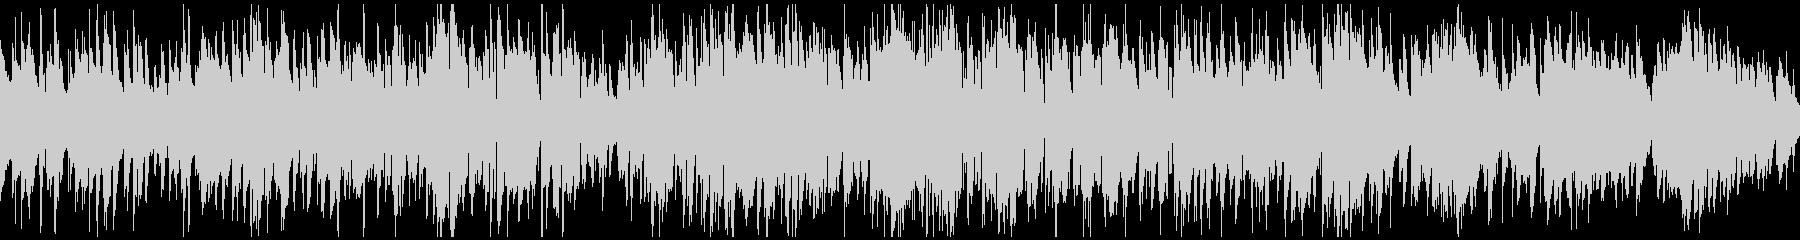 程よいテンポ感のまったりジャズ※ループ版の未再生の波形